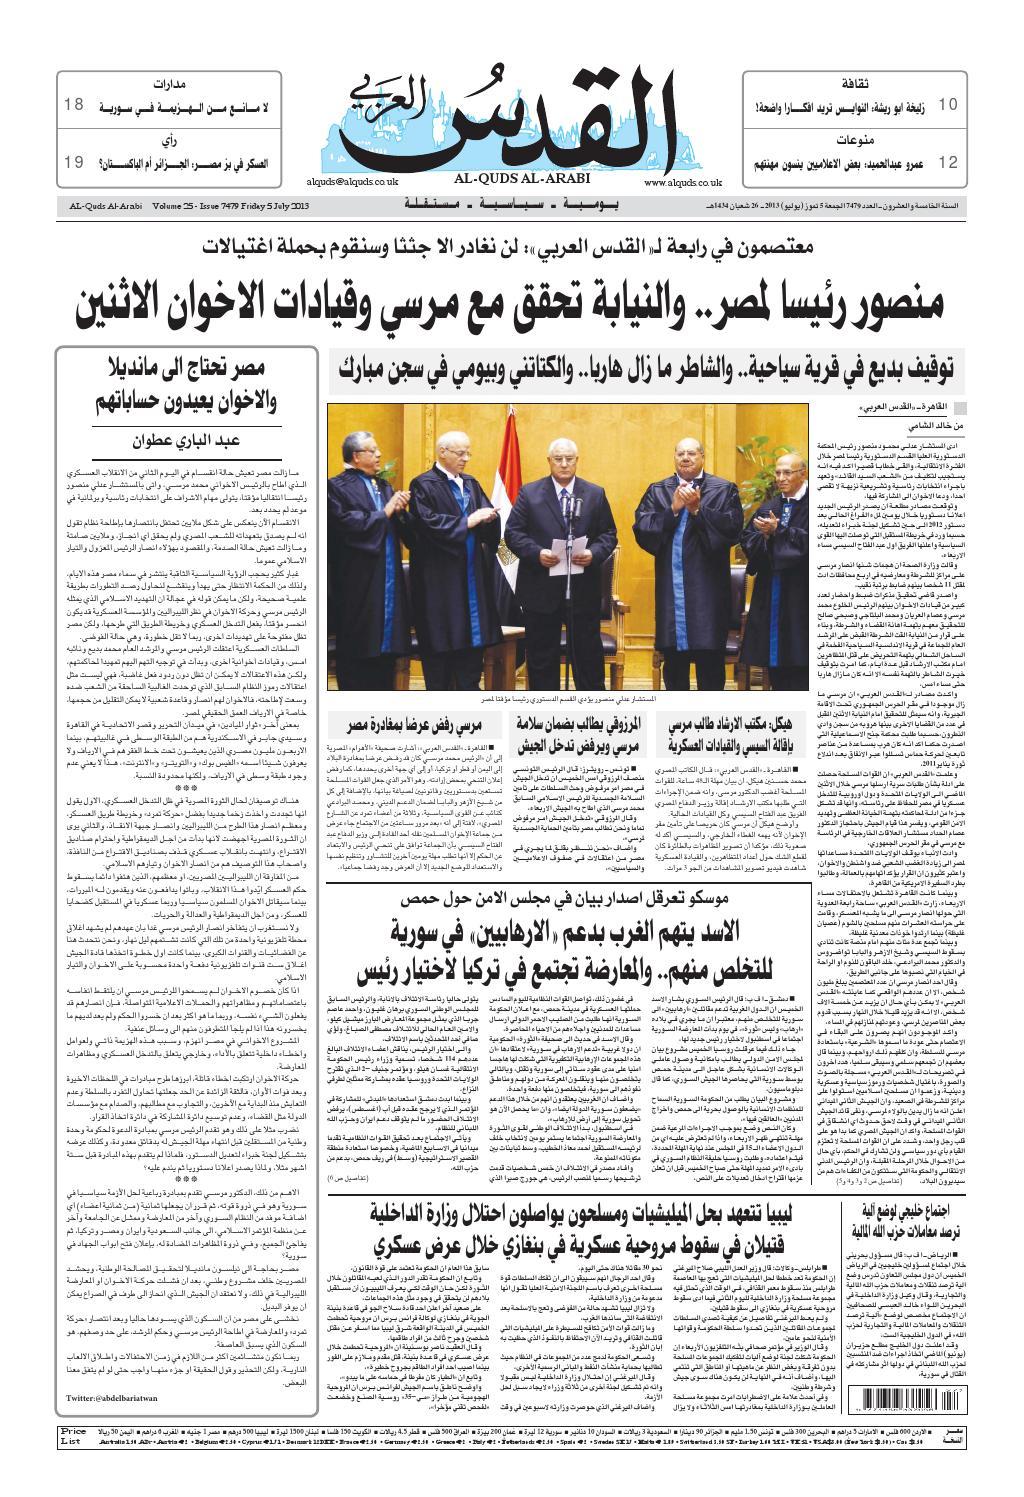 2e82bd1b2 صحيفة القدس العربي , الجمعة 05.07.2013 by مركز الحدث - issuu